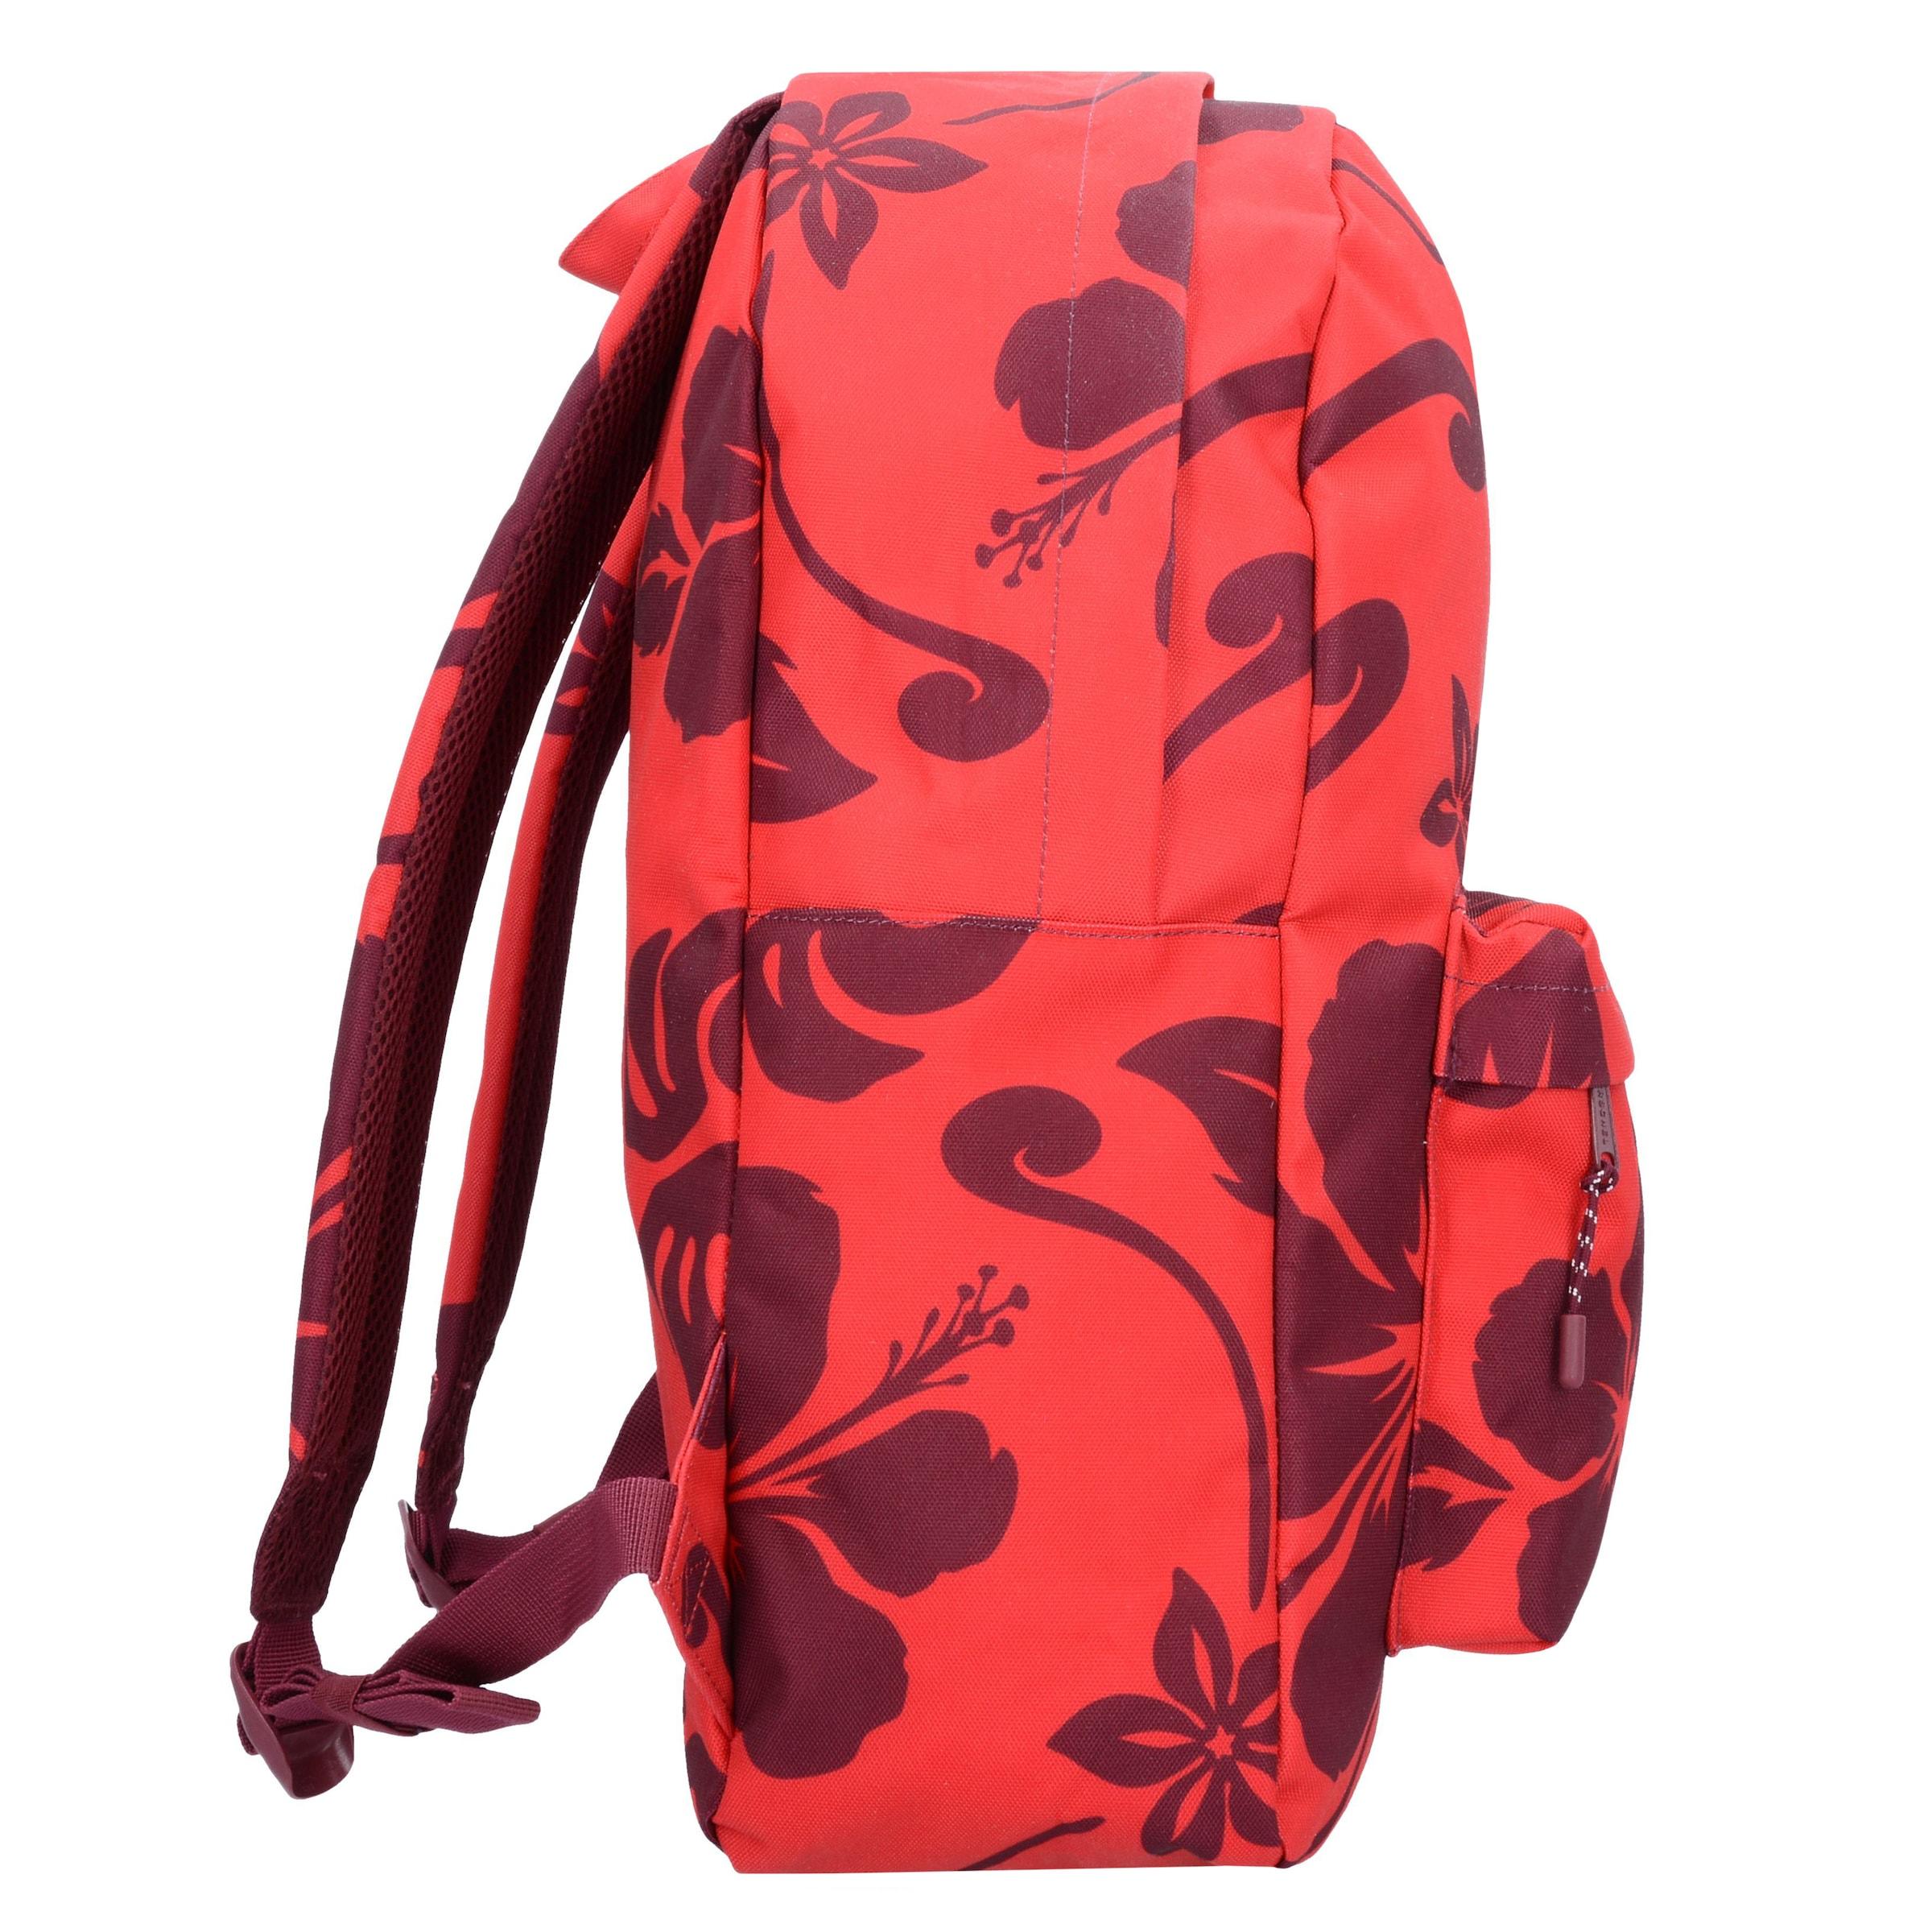 17 Herschel Rucksack Backpack' Rucksack Herschel 'Classic xwwTcUqYH